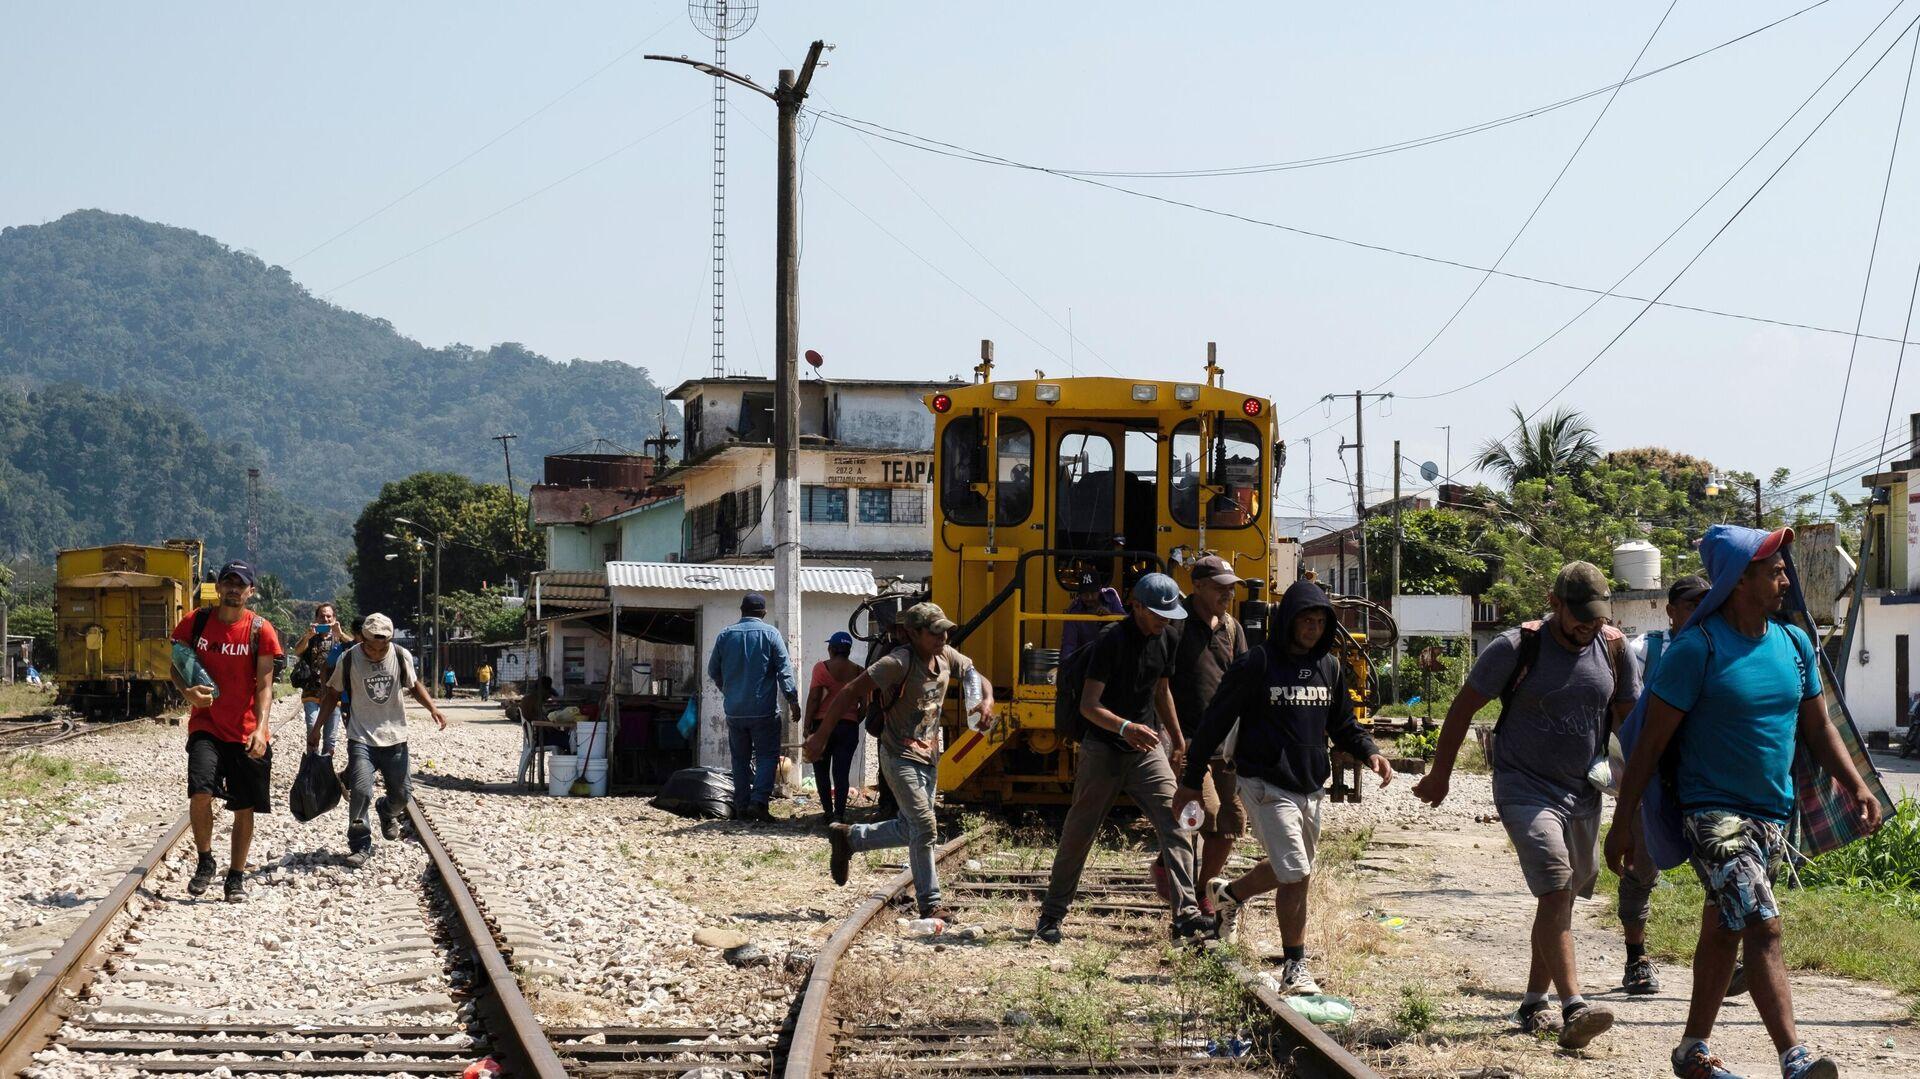 Мигранты из Гондураса в ожидании поезда до границы Мексики и США - РИА Новости, 1920, 01.04.2021